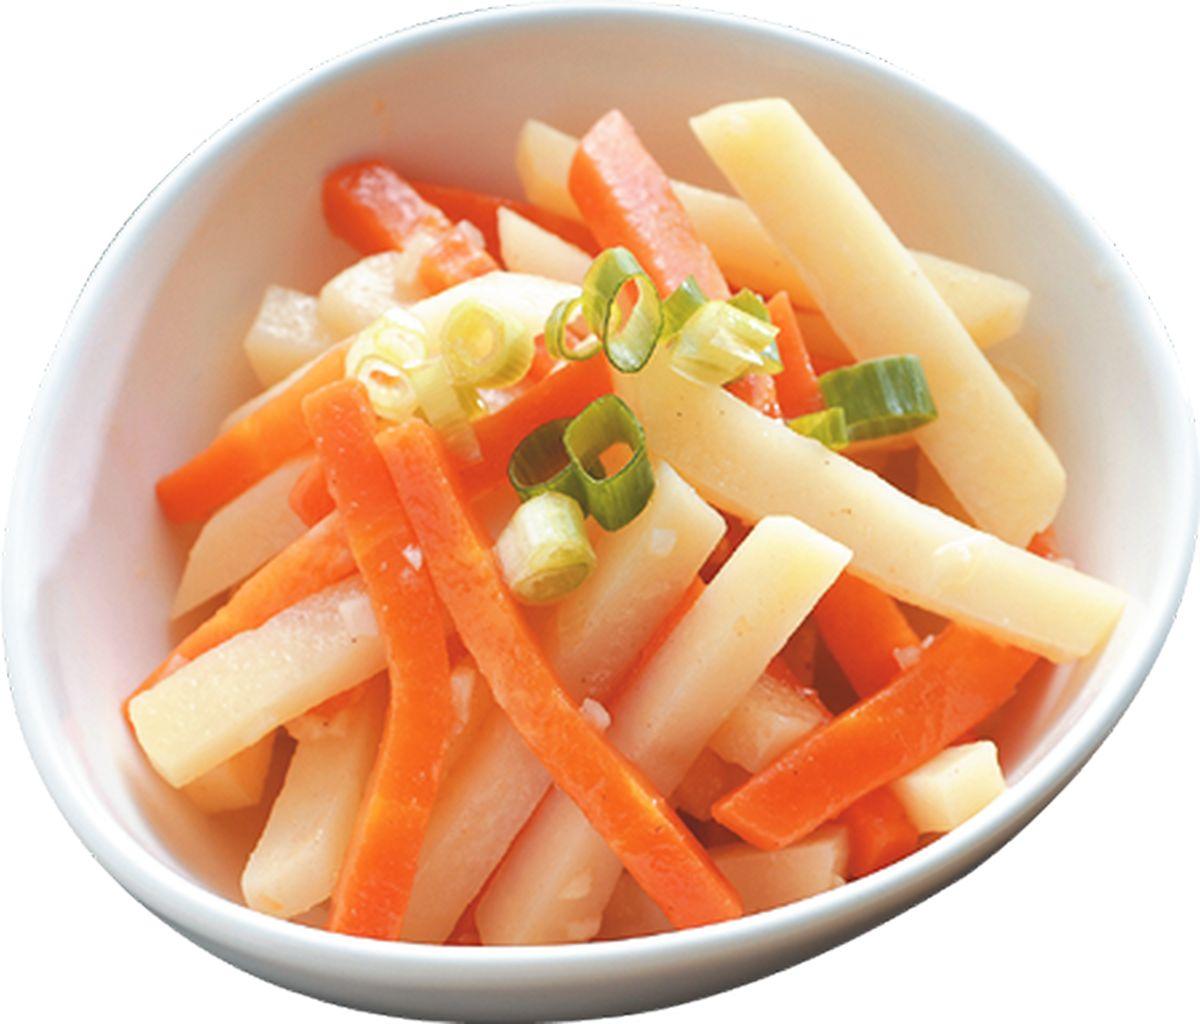 食譜:紅蘿蔔炒馬鈴薯